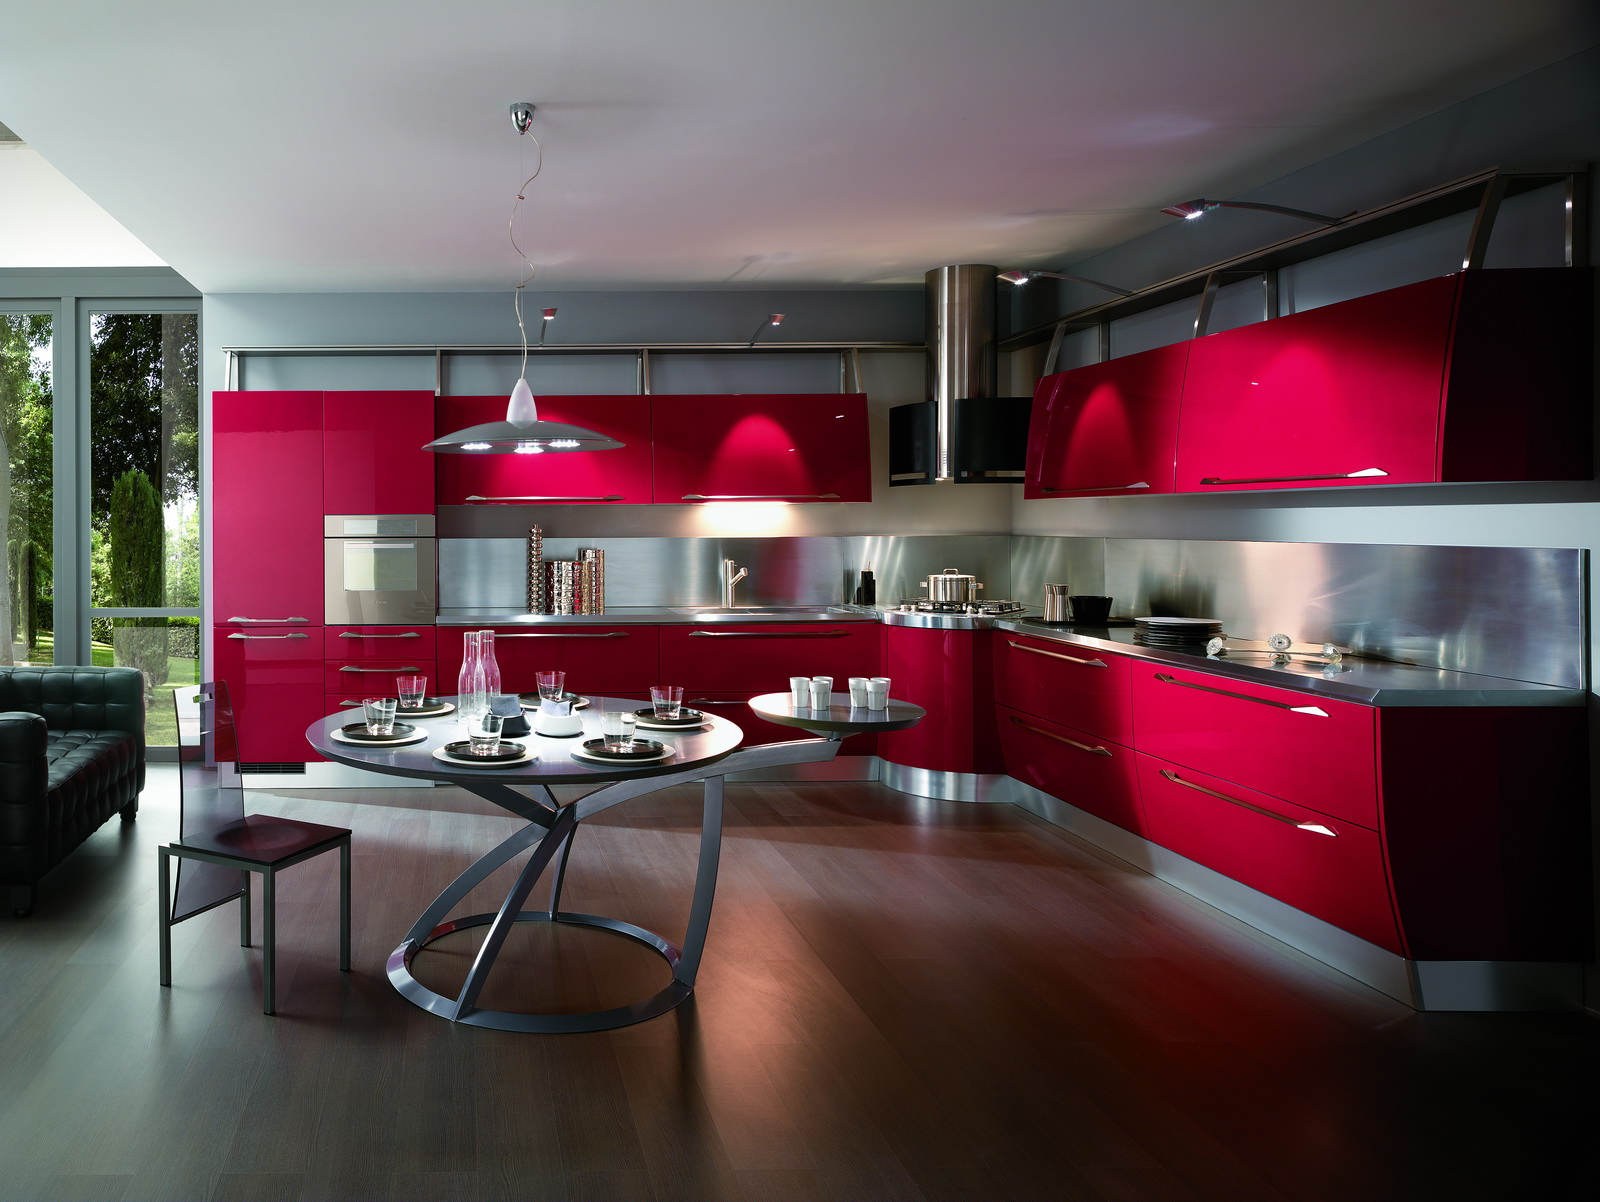 Для кухни в стиле хай тек характерна точечная подсветка.